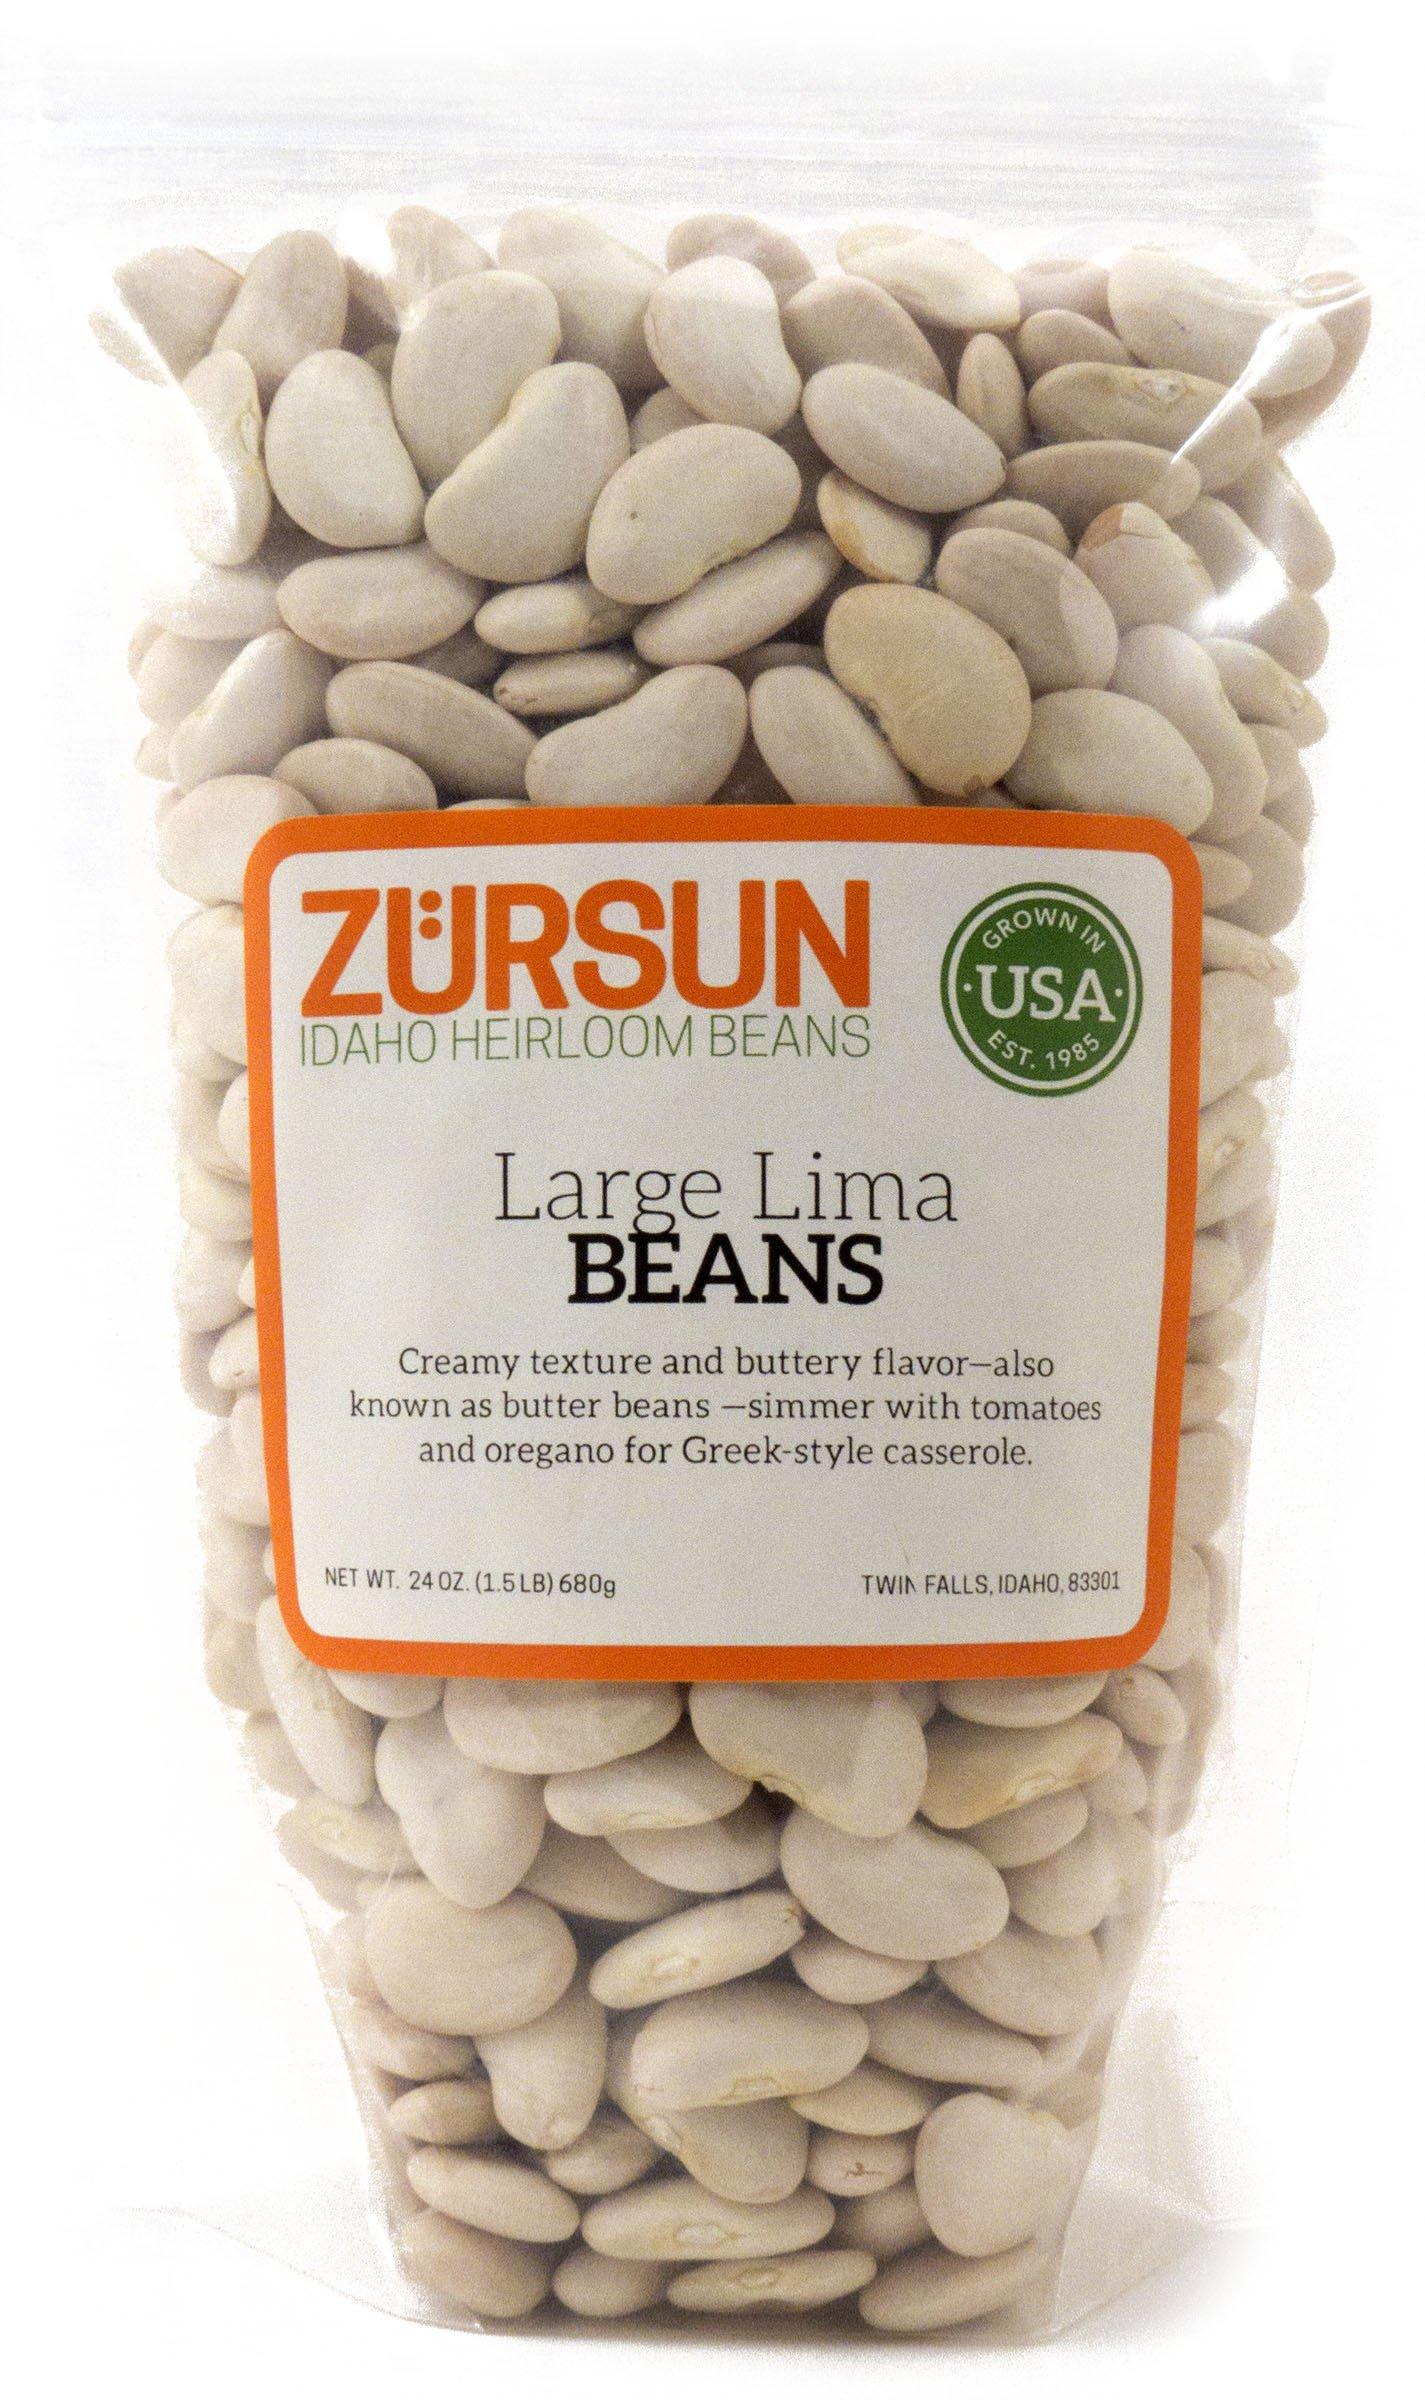 ZURSUN Beans Large Lima, 24 OZ